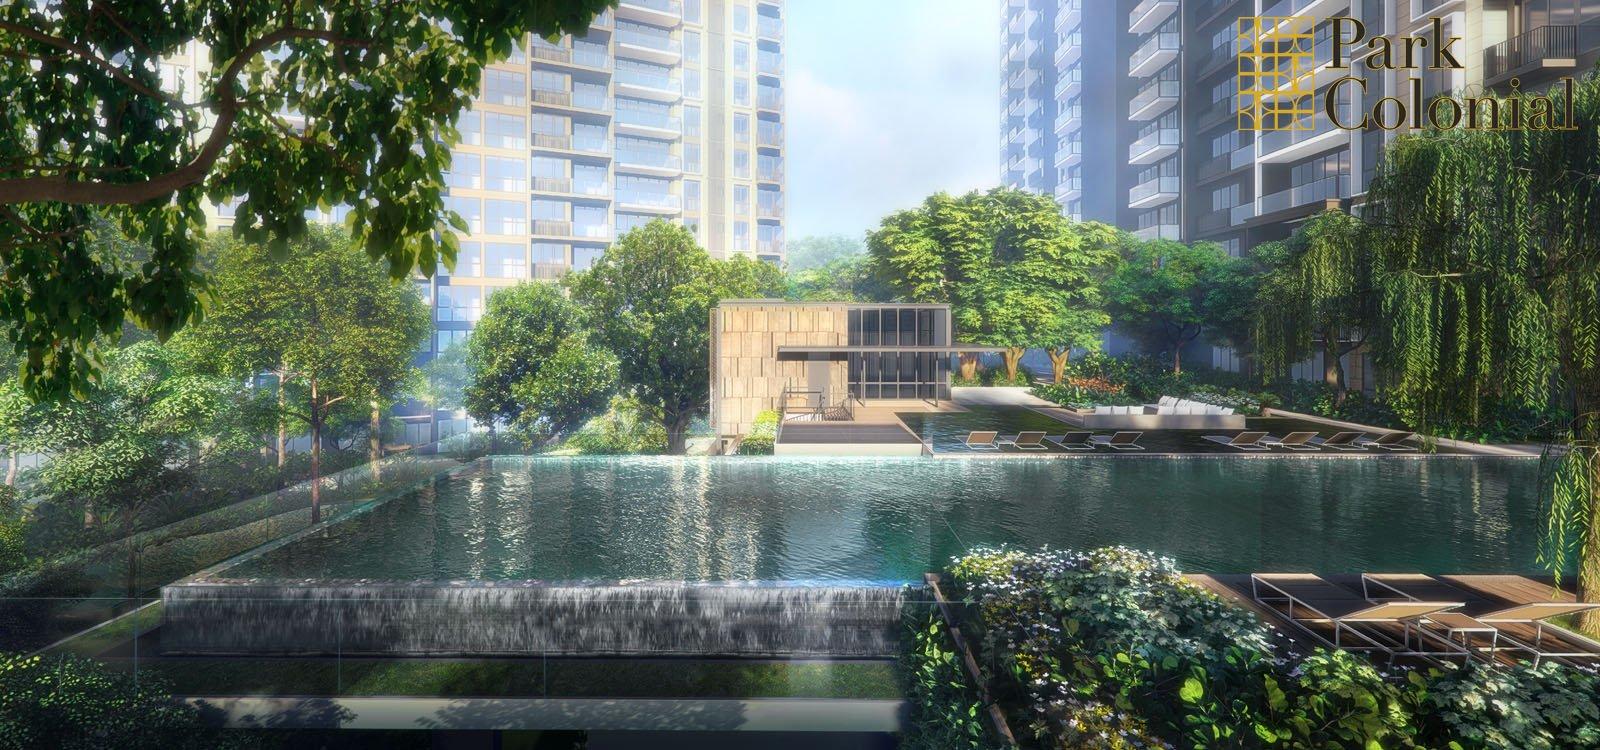 Park Colonial Lap Pool